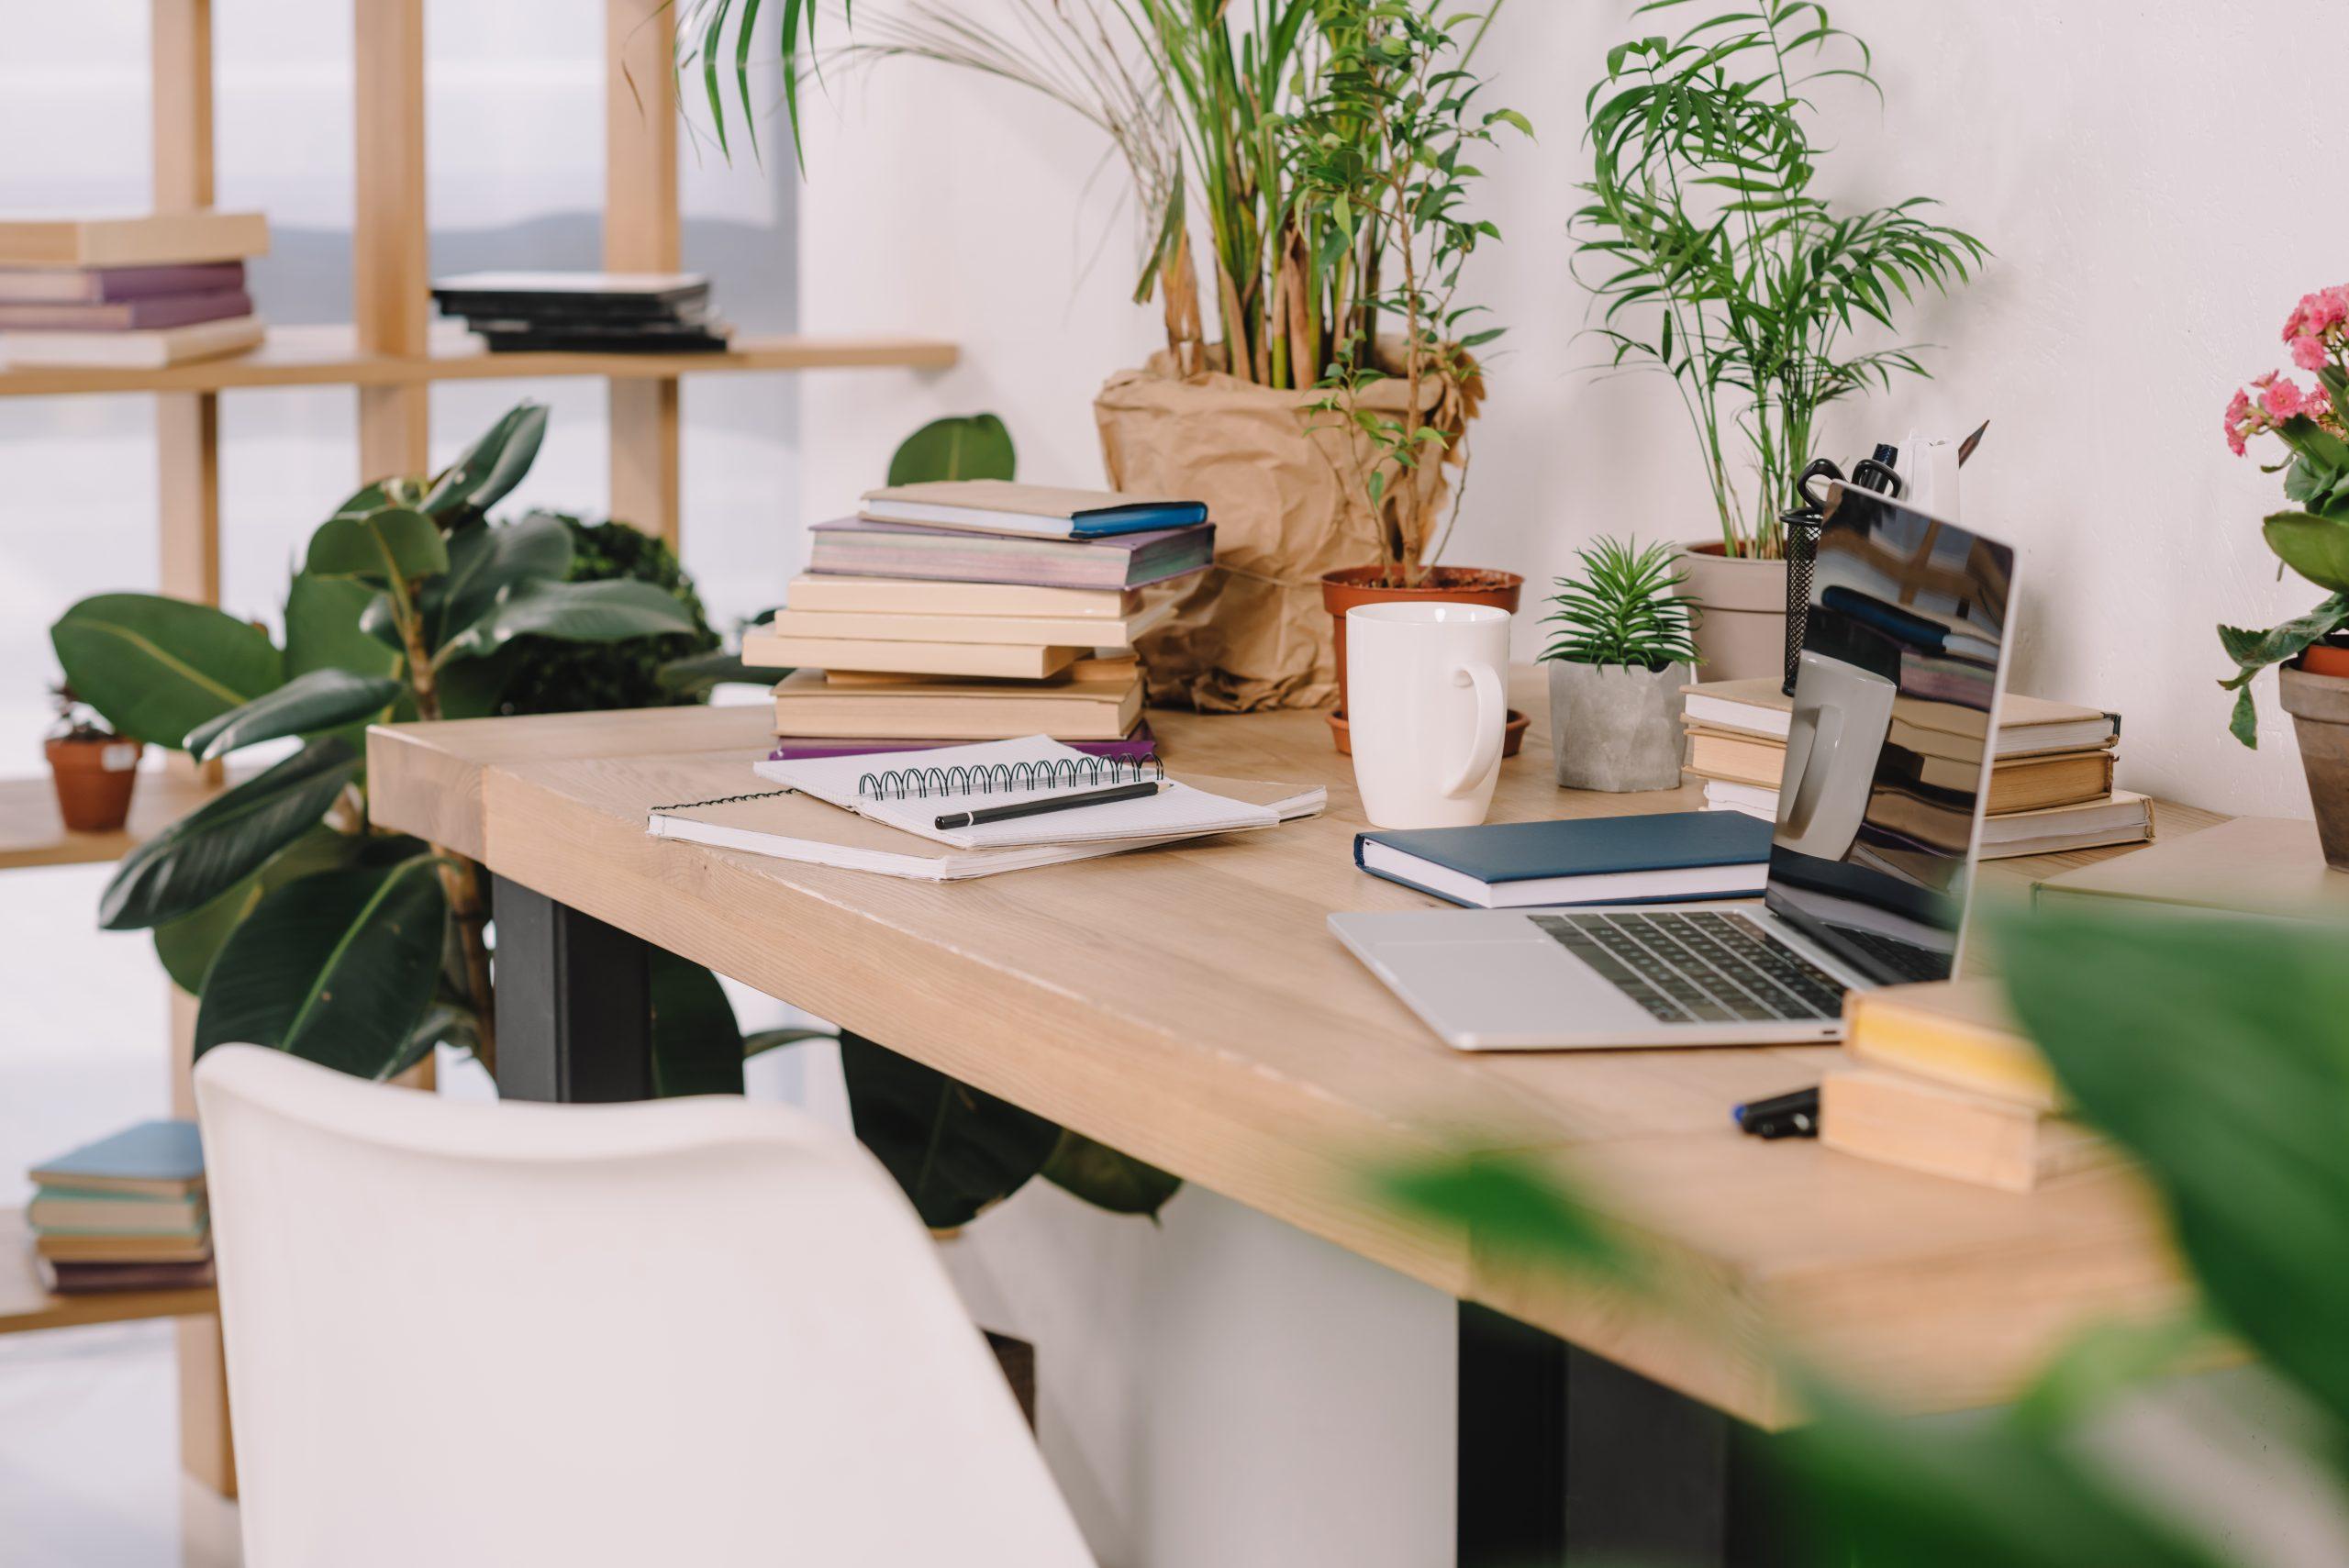 Manfaat Meletakkan Tanaman di Ruangan Kerja